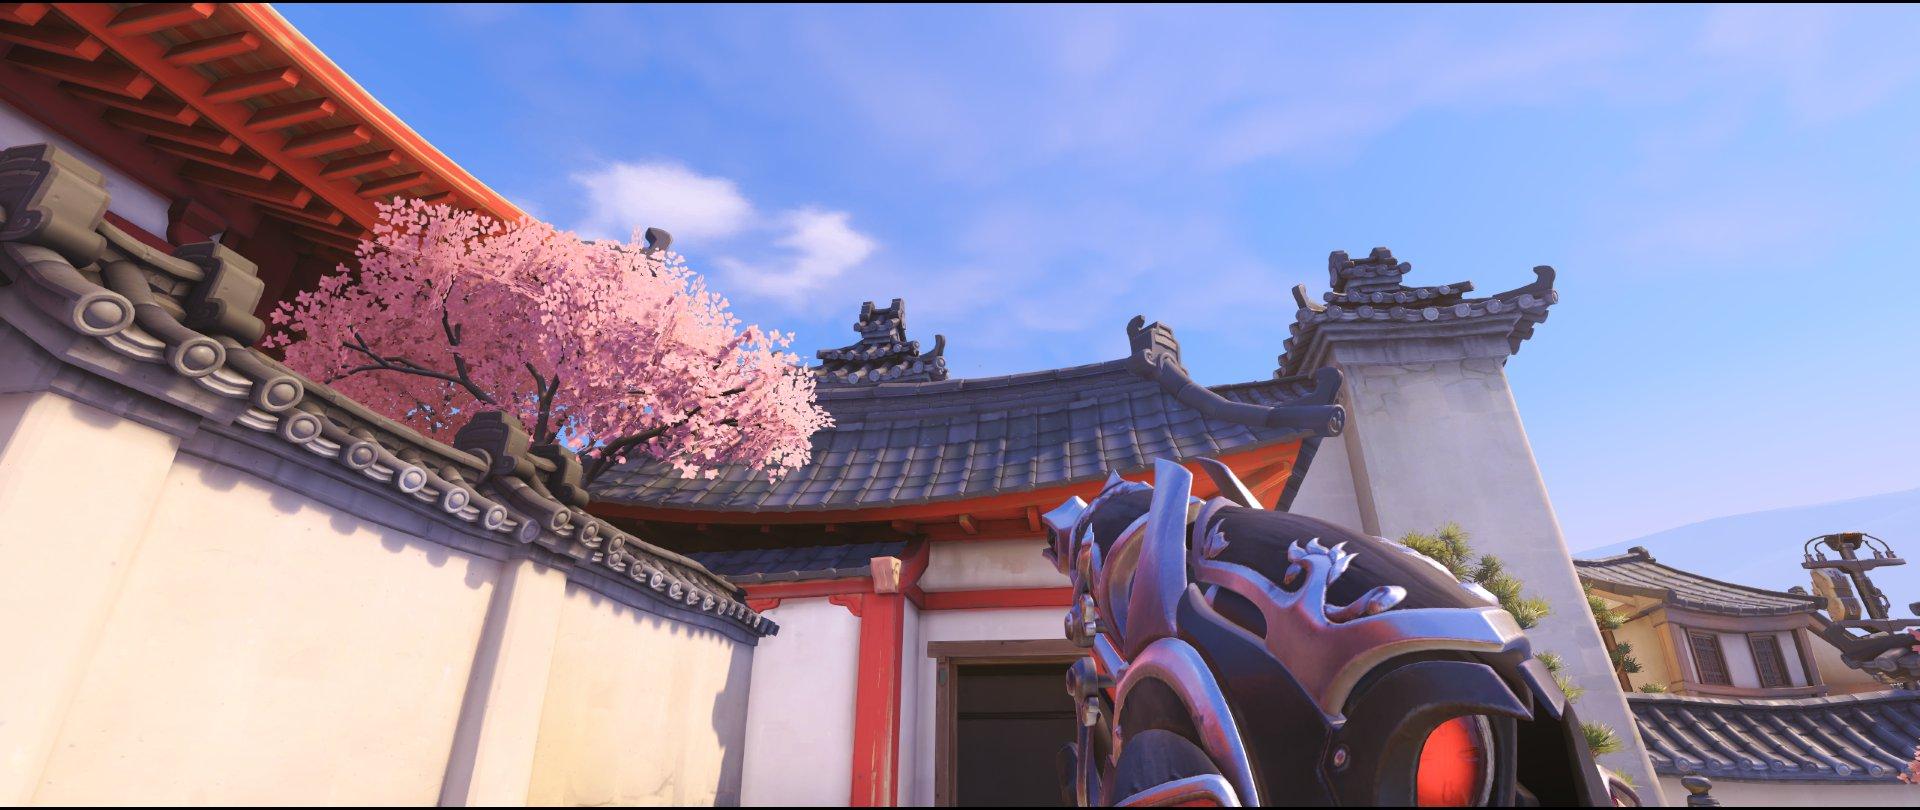 Hut defense Widowmaker sniping spot Hanamura Overwatch.jpg